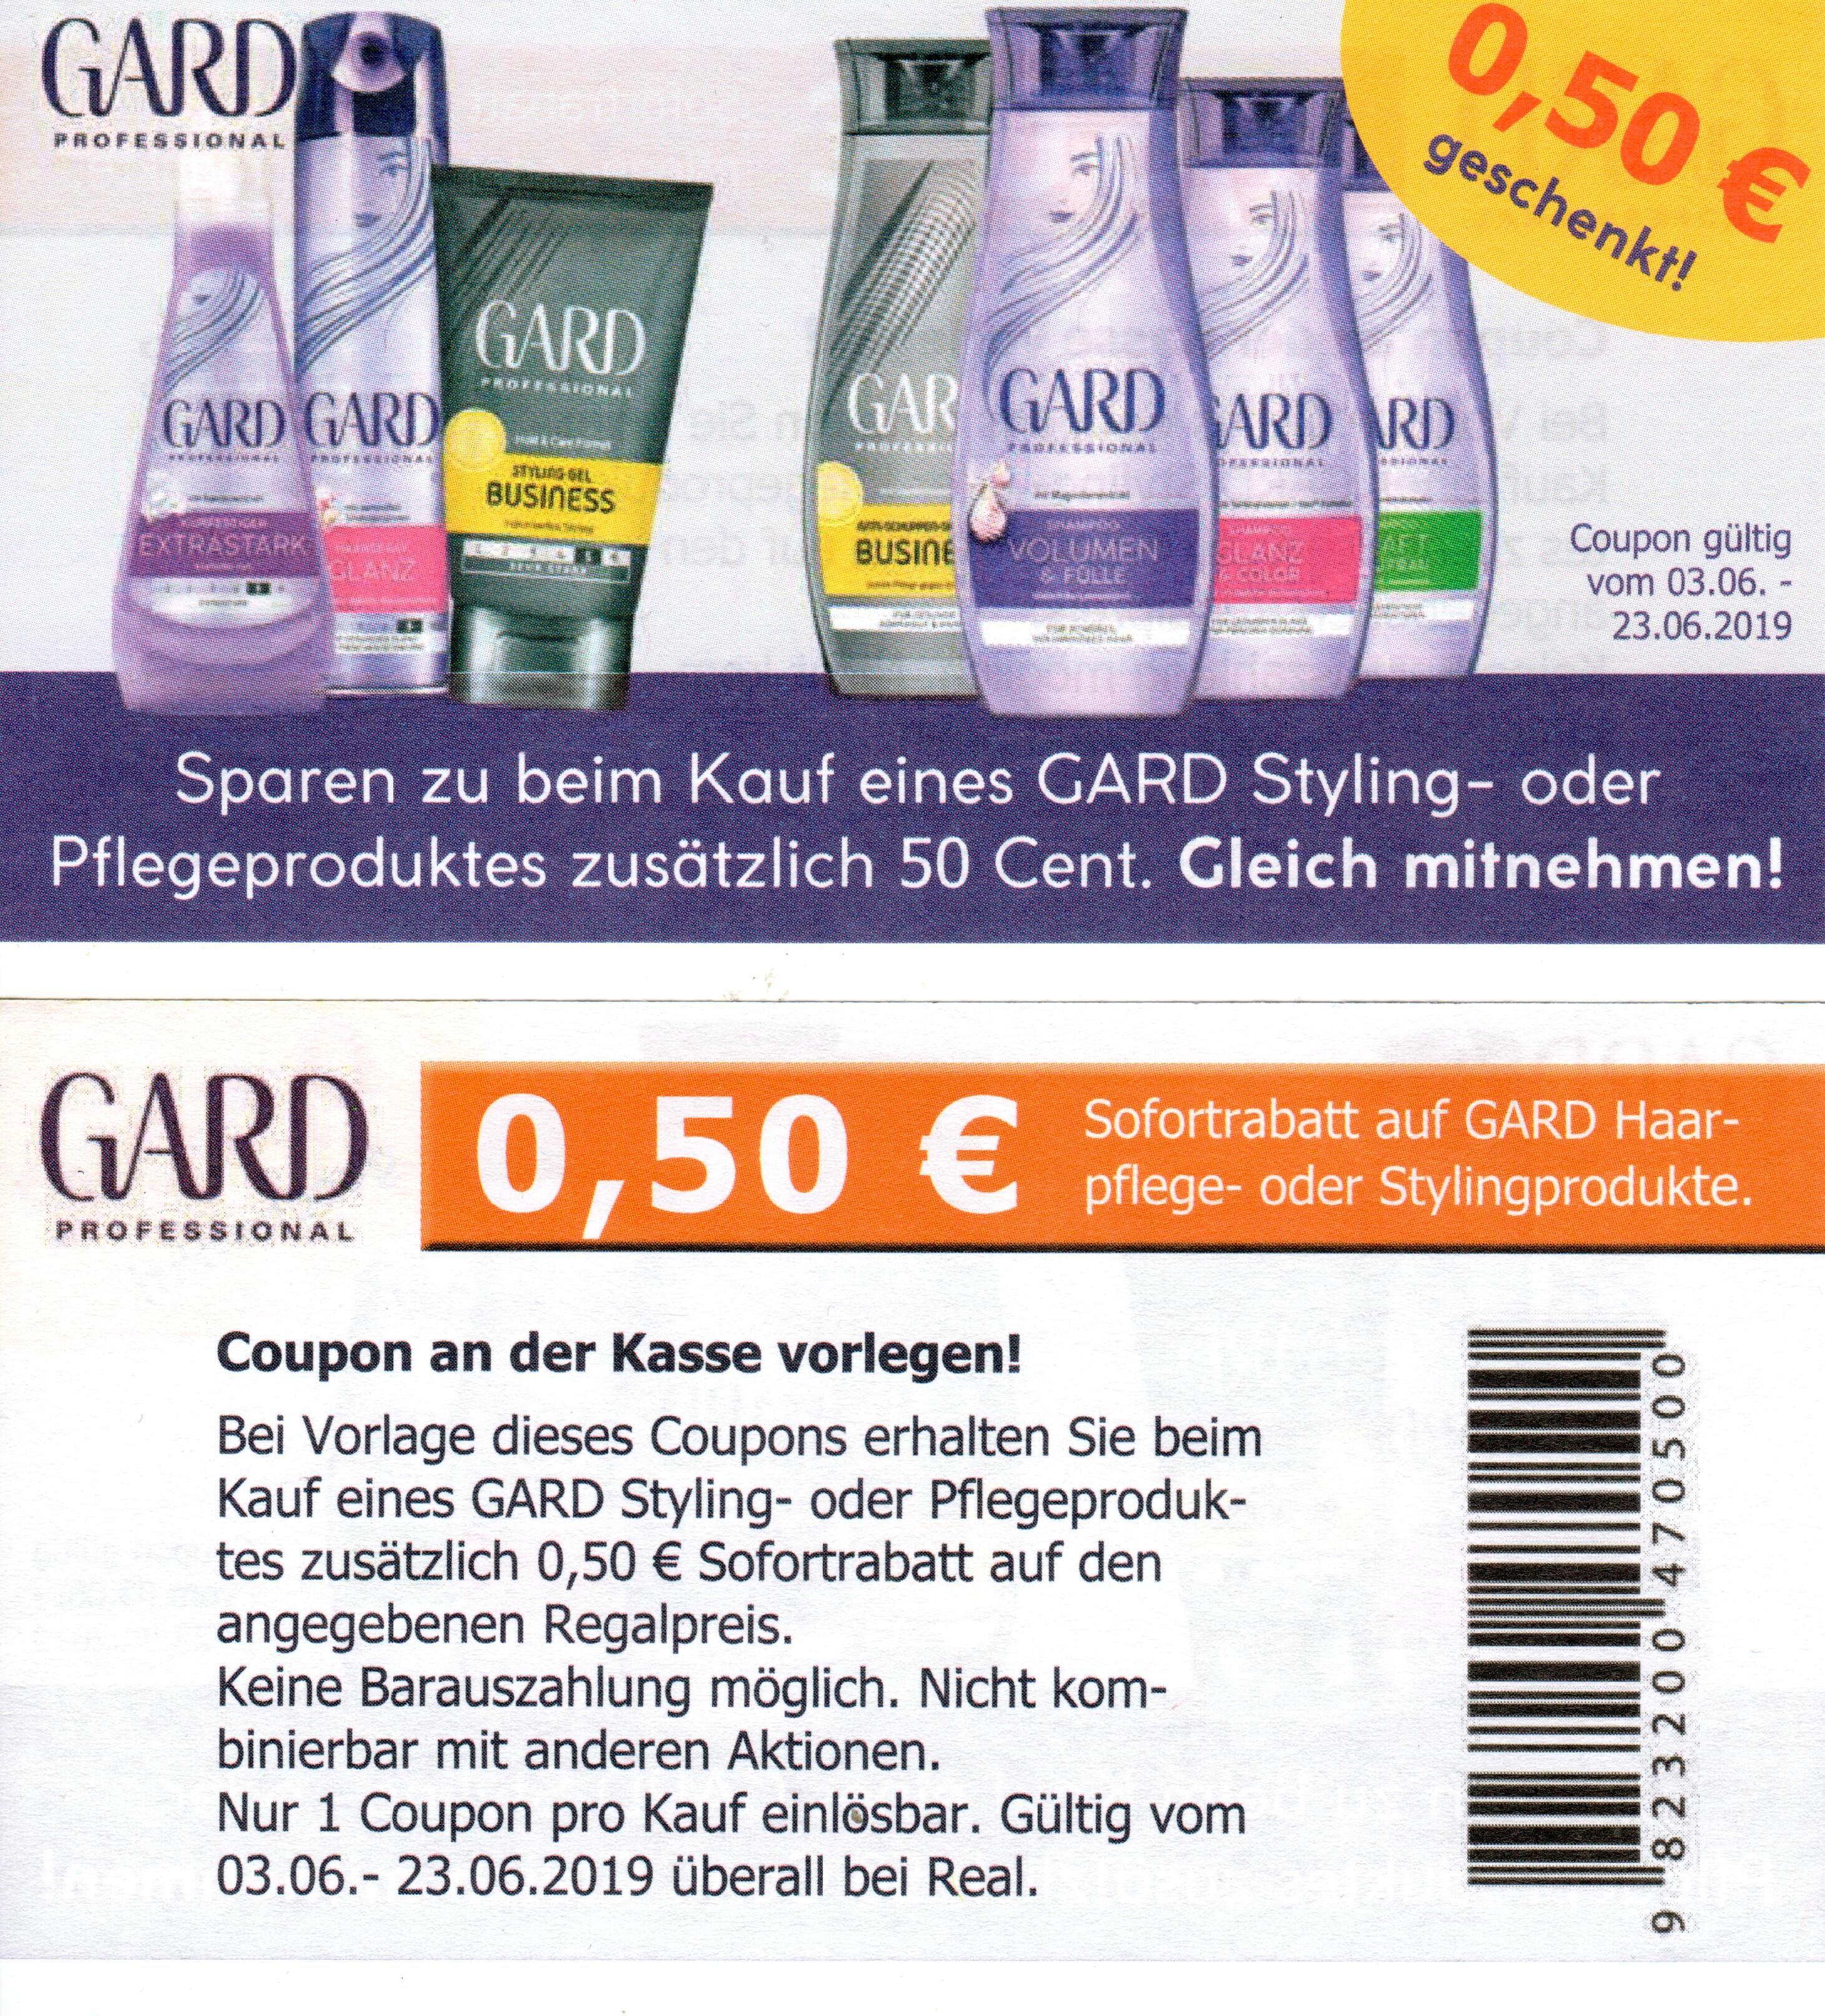 0,50€ Sofort-Rabatt Coupon für den Kauf von Gard Styling- oder Pflegeprodukte [REAL]